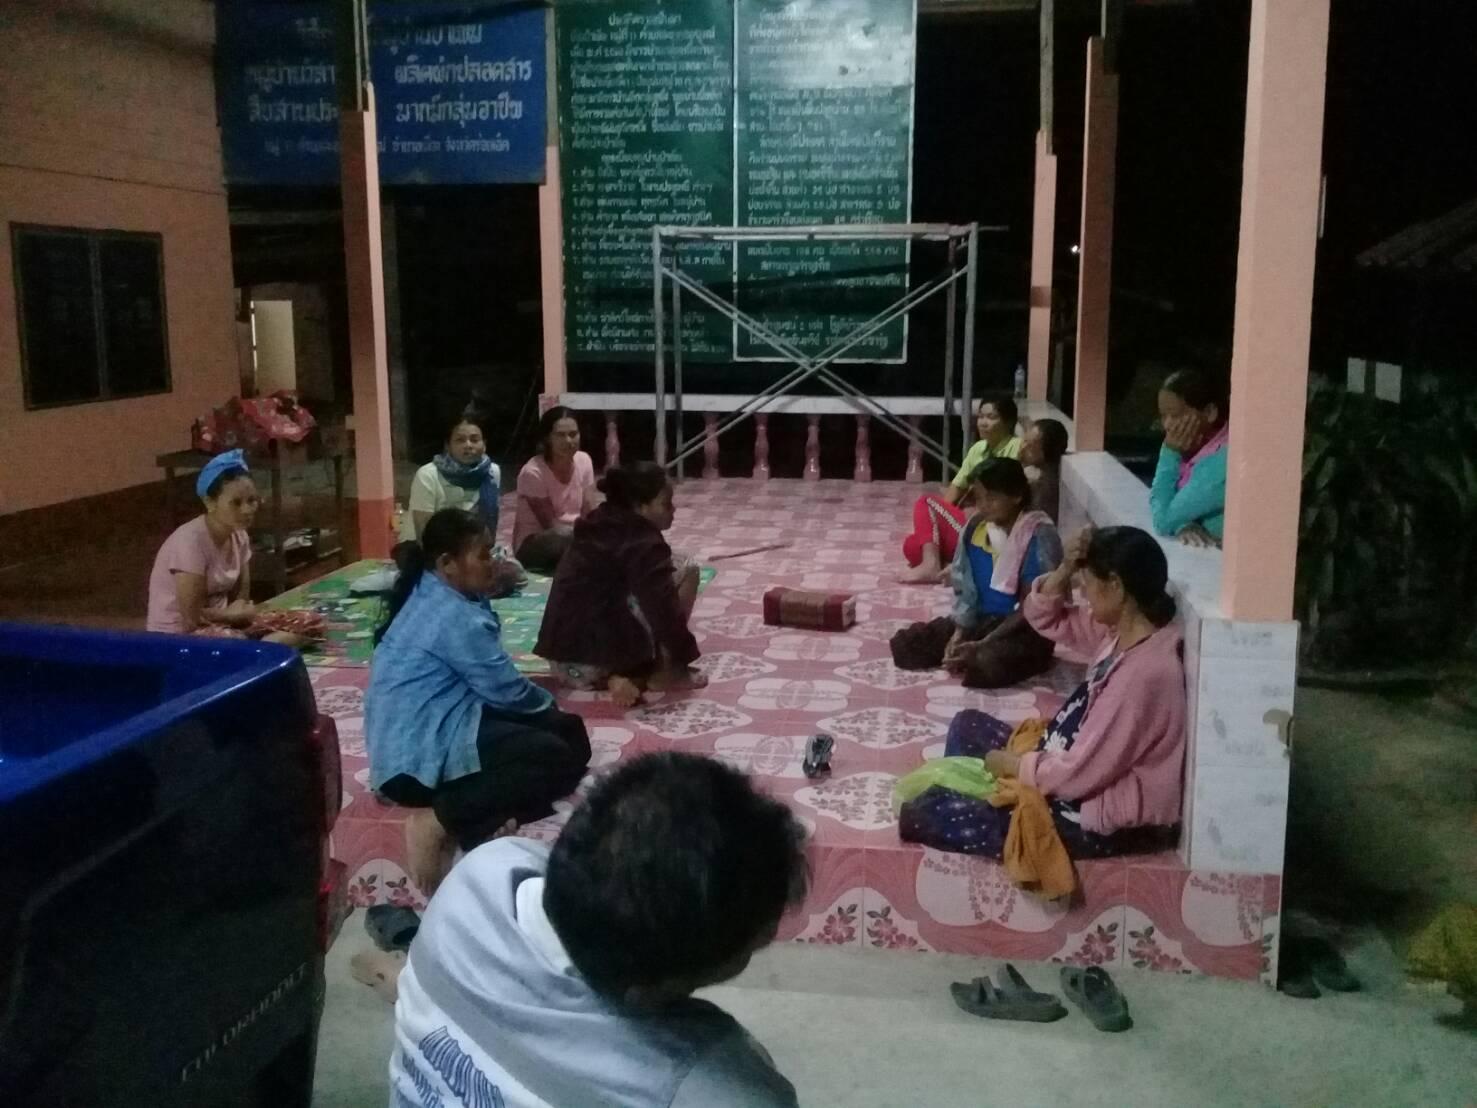 ประชุมหมู่บ้านเพื่อวางแผนทำบุญข้าวจี้ ประจำปี วันที่ 27 มกราคม 2563 ณ ที่ทำการผู้ใหญ่บ้าน บ้านป่าเพิ่ม หมู่ที่ 11 วันที่ 22 มกราคม 2563 เวลา 21.00 น.